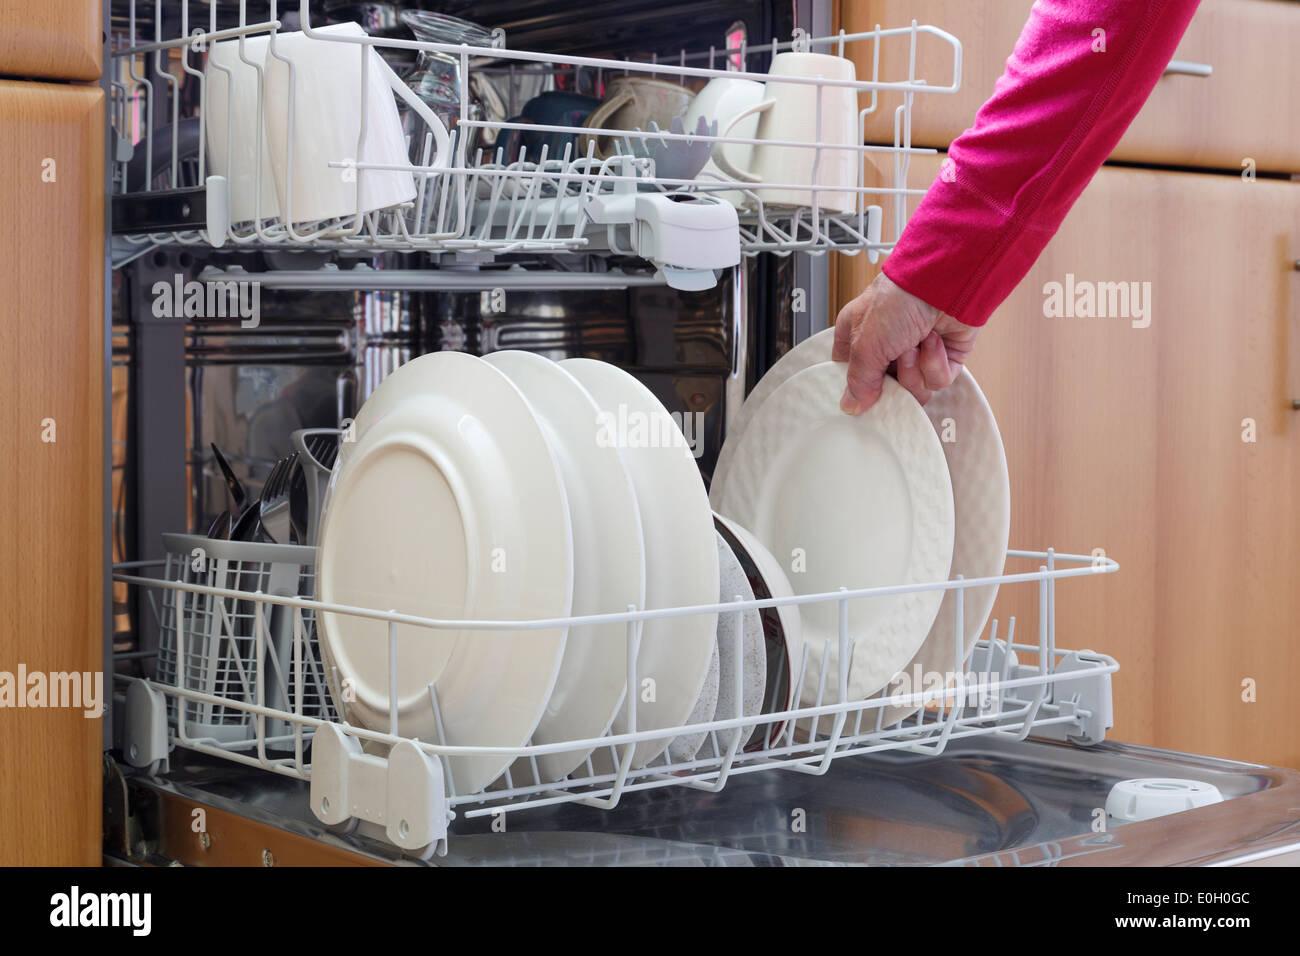 Ogni giorno la scena quotidiana di una donna di svuotamento dotato di una lavastoviglie piena di pulire lavato i piatti di una cucina domestica a casa Regno Unito, Gran Bretagna Immagini Stock